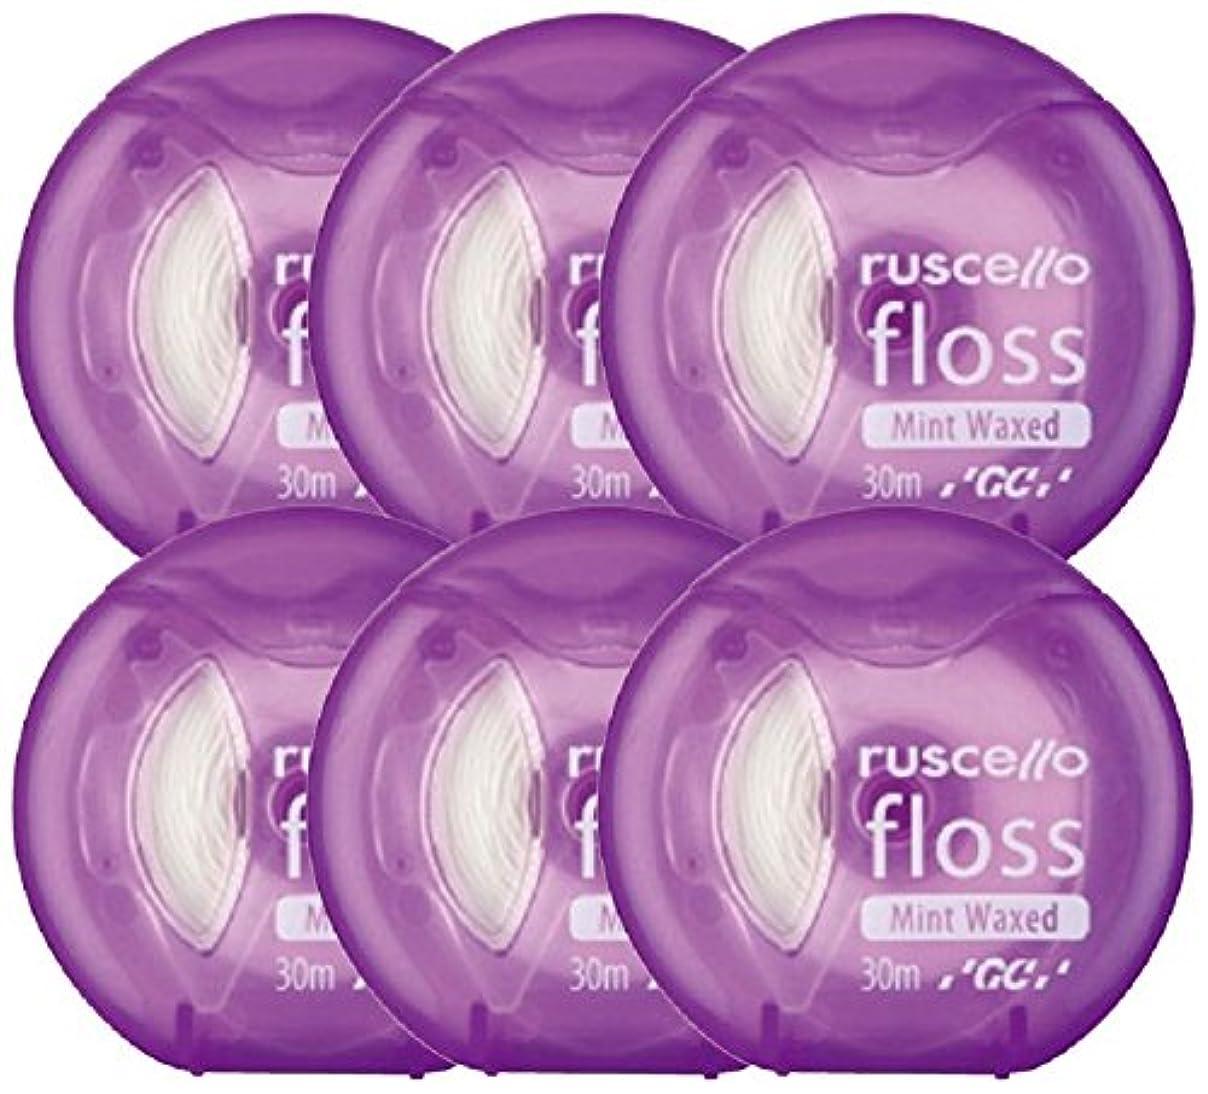 ロバヒューム胚ジーシー(GC)歯科用ルシェロ フロス ミントワックス 6個 パープル